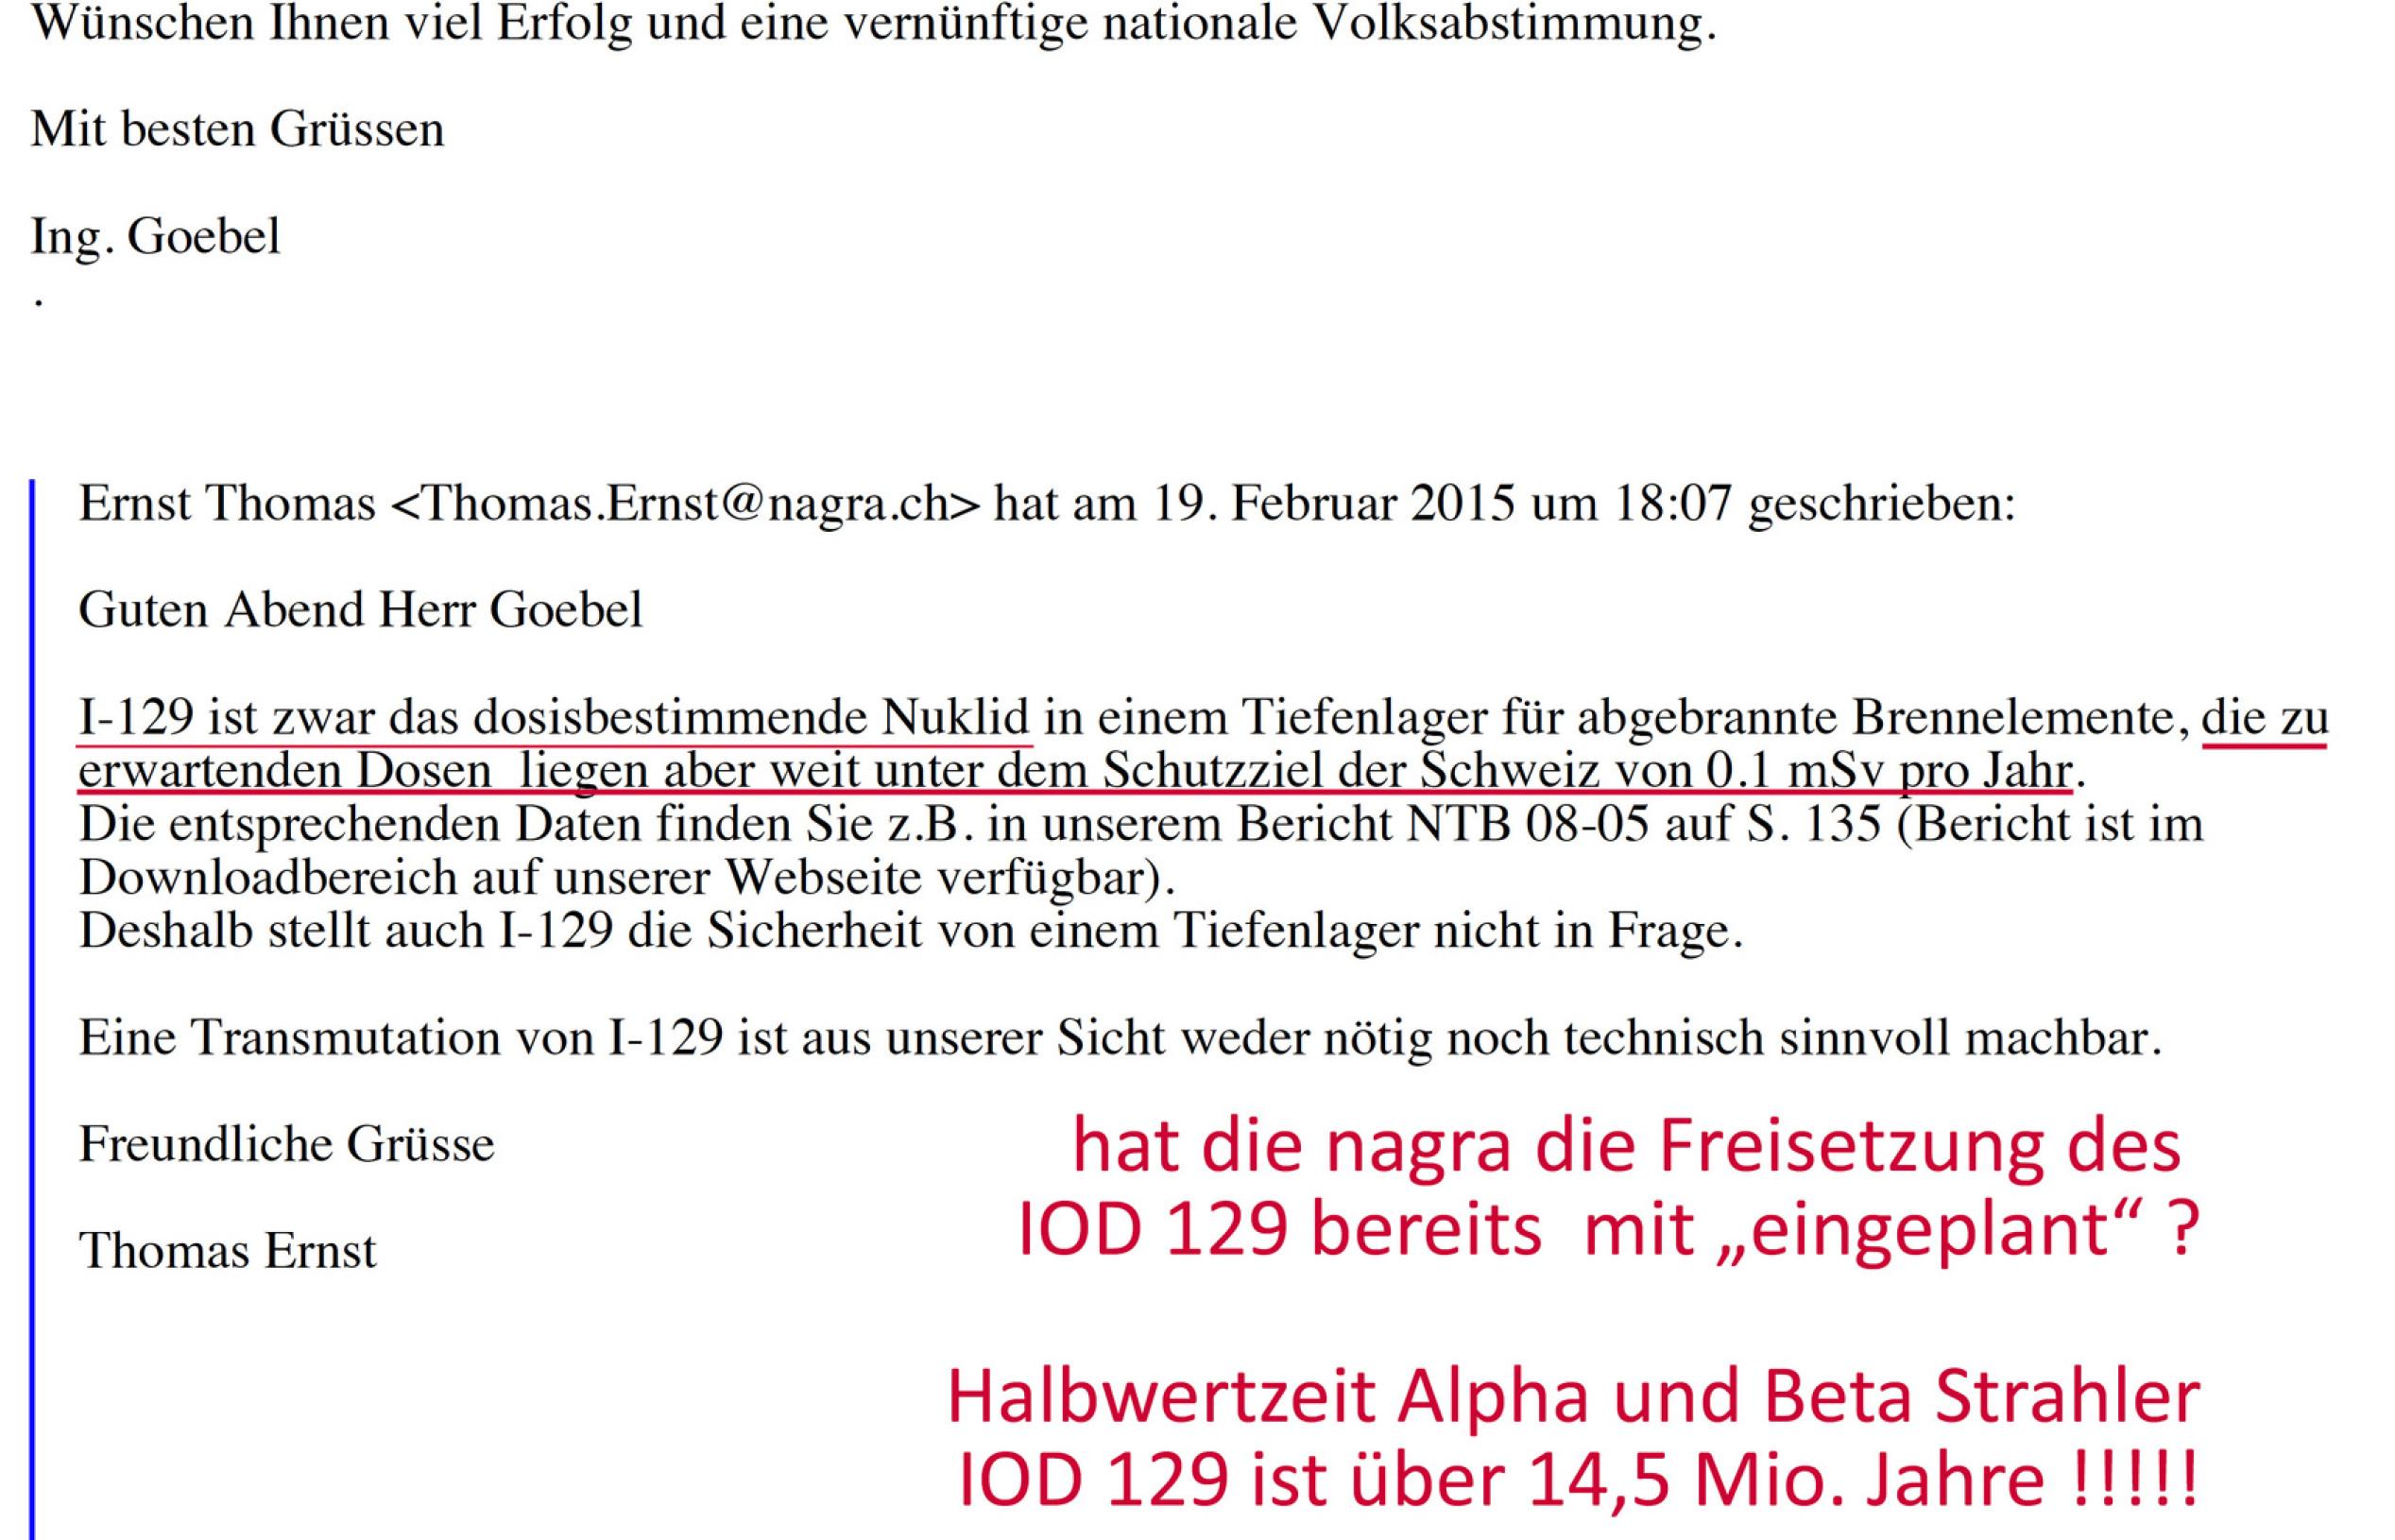 Thomas Ernst nagra Wettingen - plant eine Freisetzung von IOD 129 aus undichtem Tiefenlager